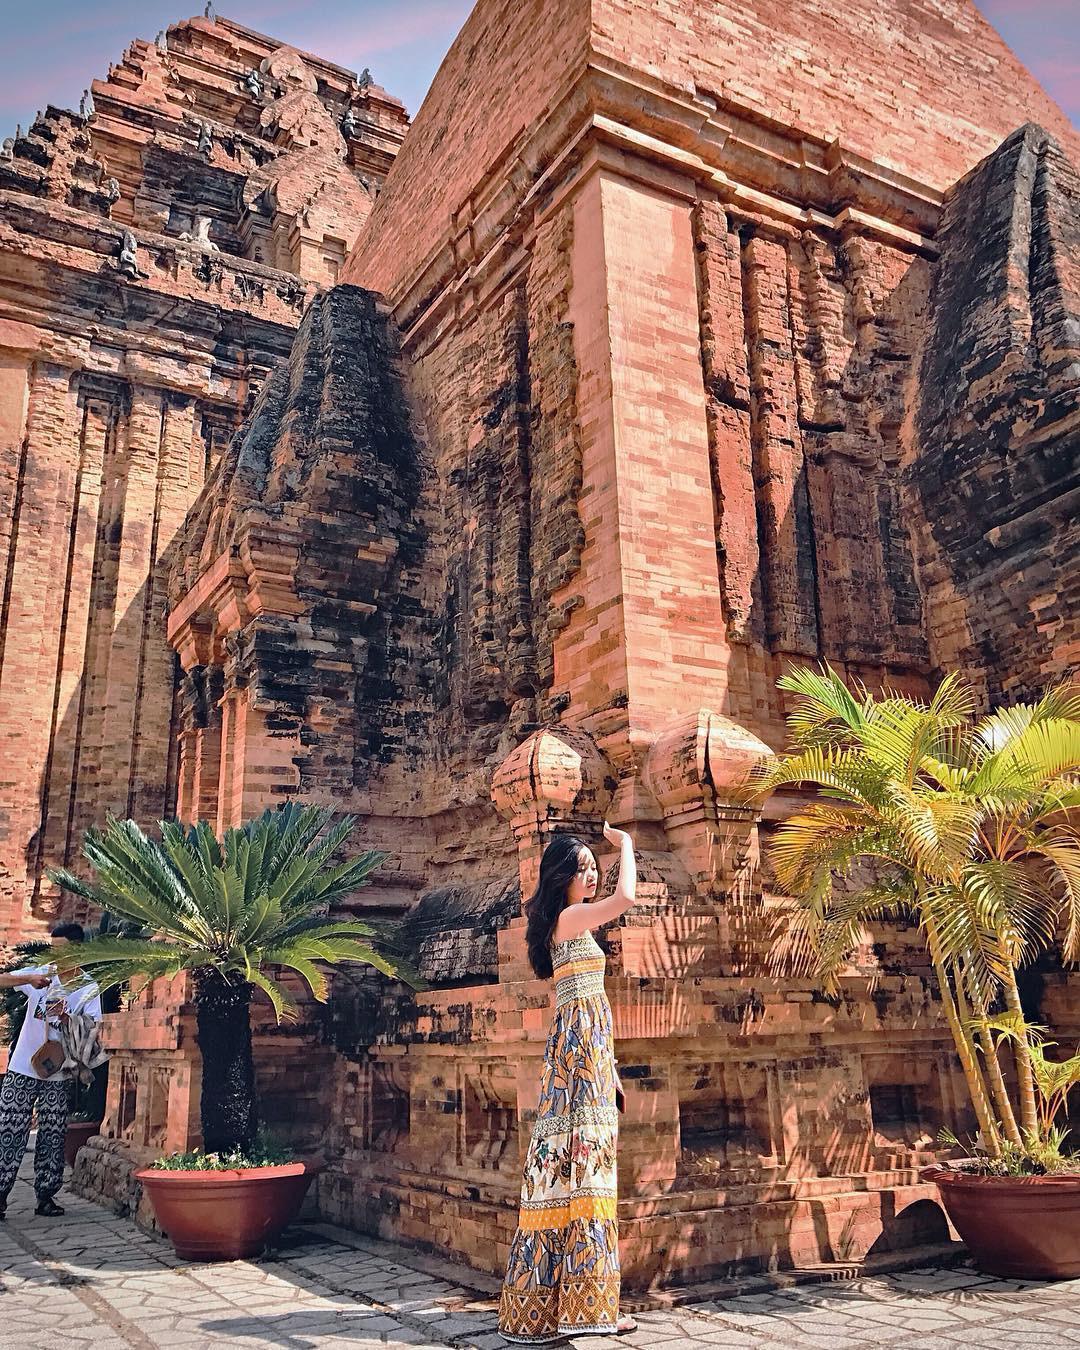 Trải nghiệm hành trình du lịch Nha Trang 3 ngày 2 đêm hấp dẫn và thú vị trong ngày hè - Ảnh 7.